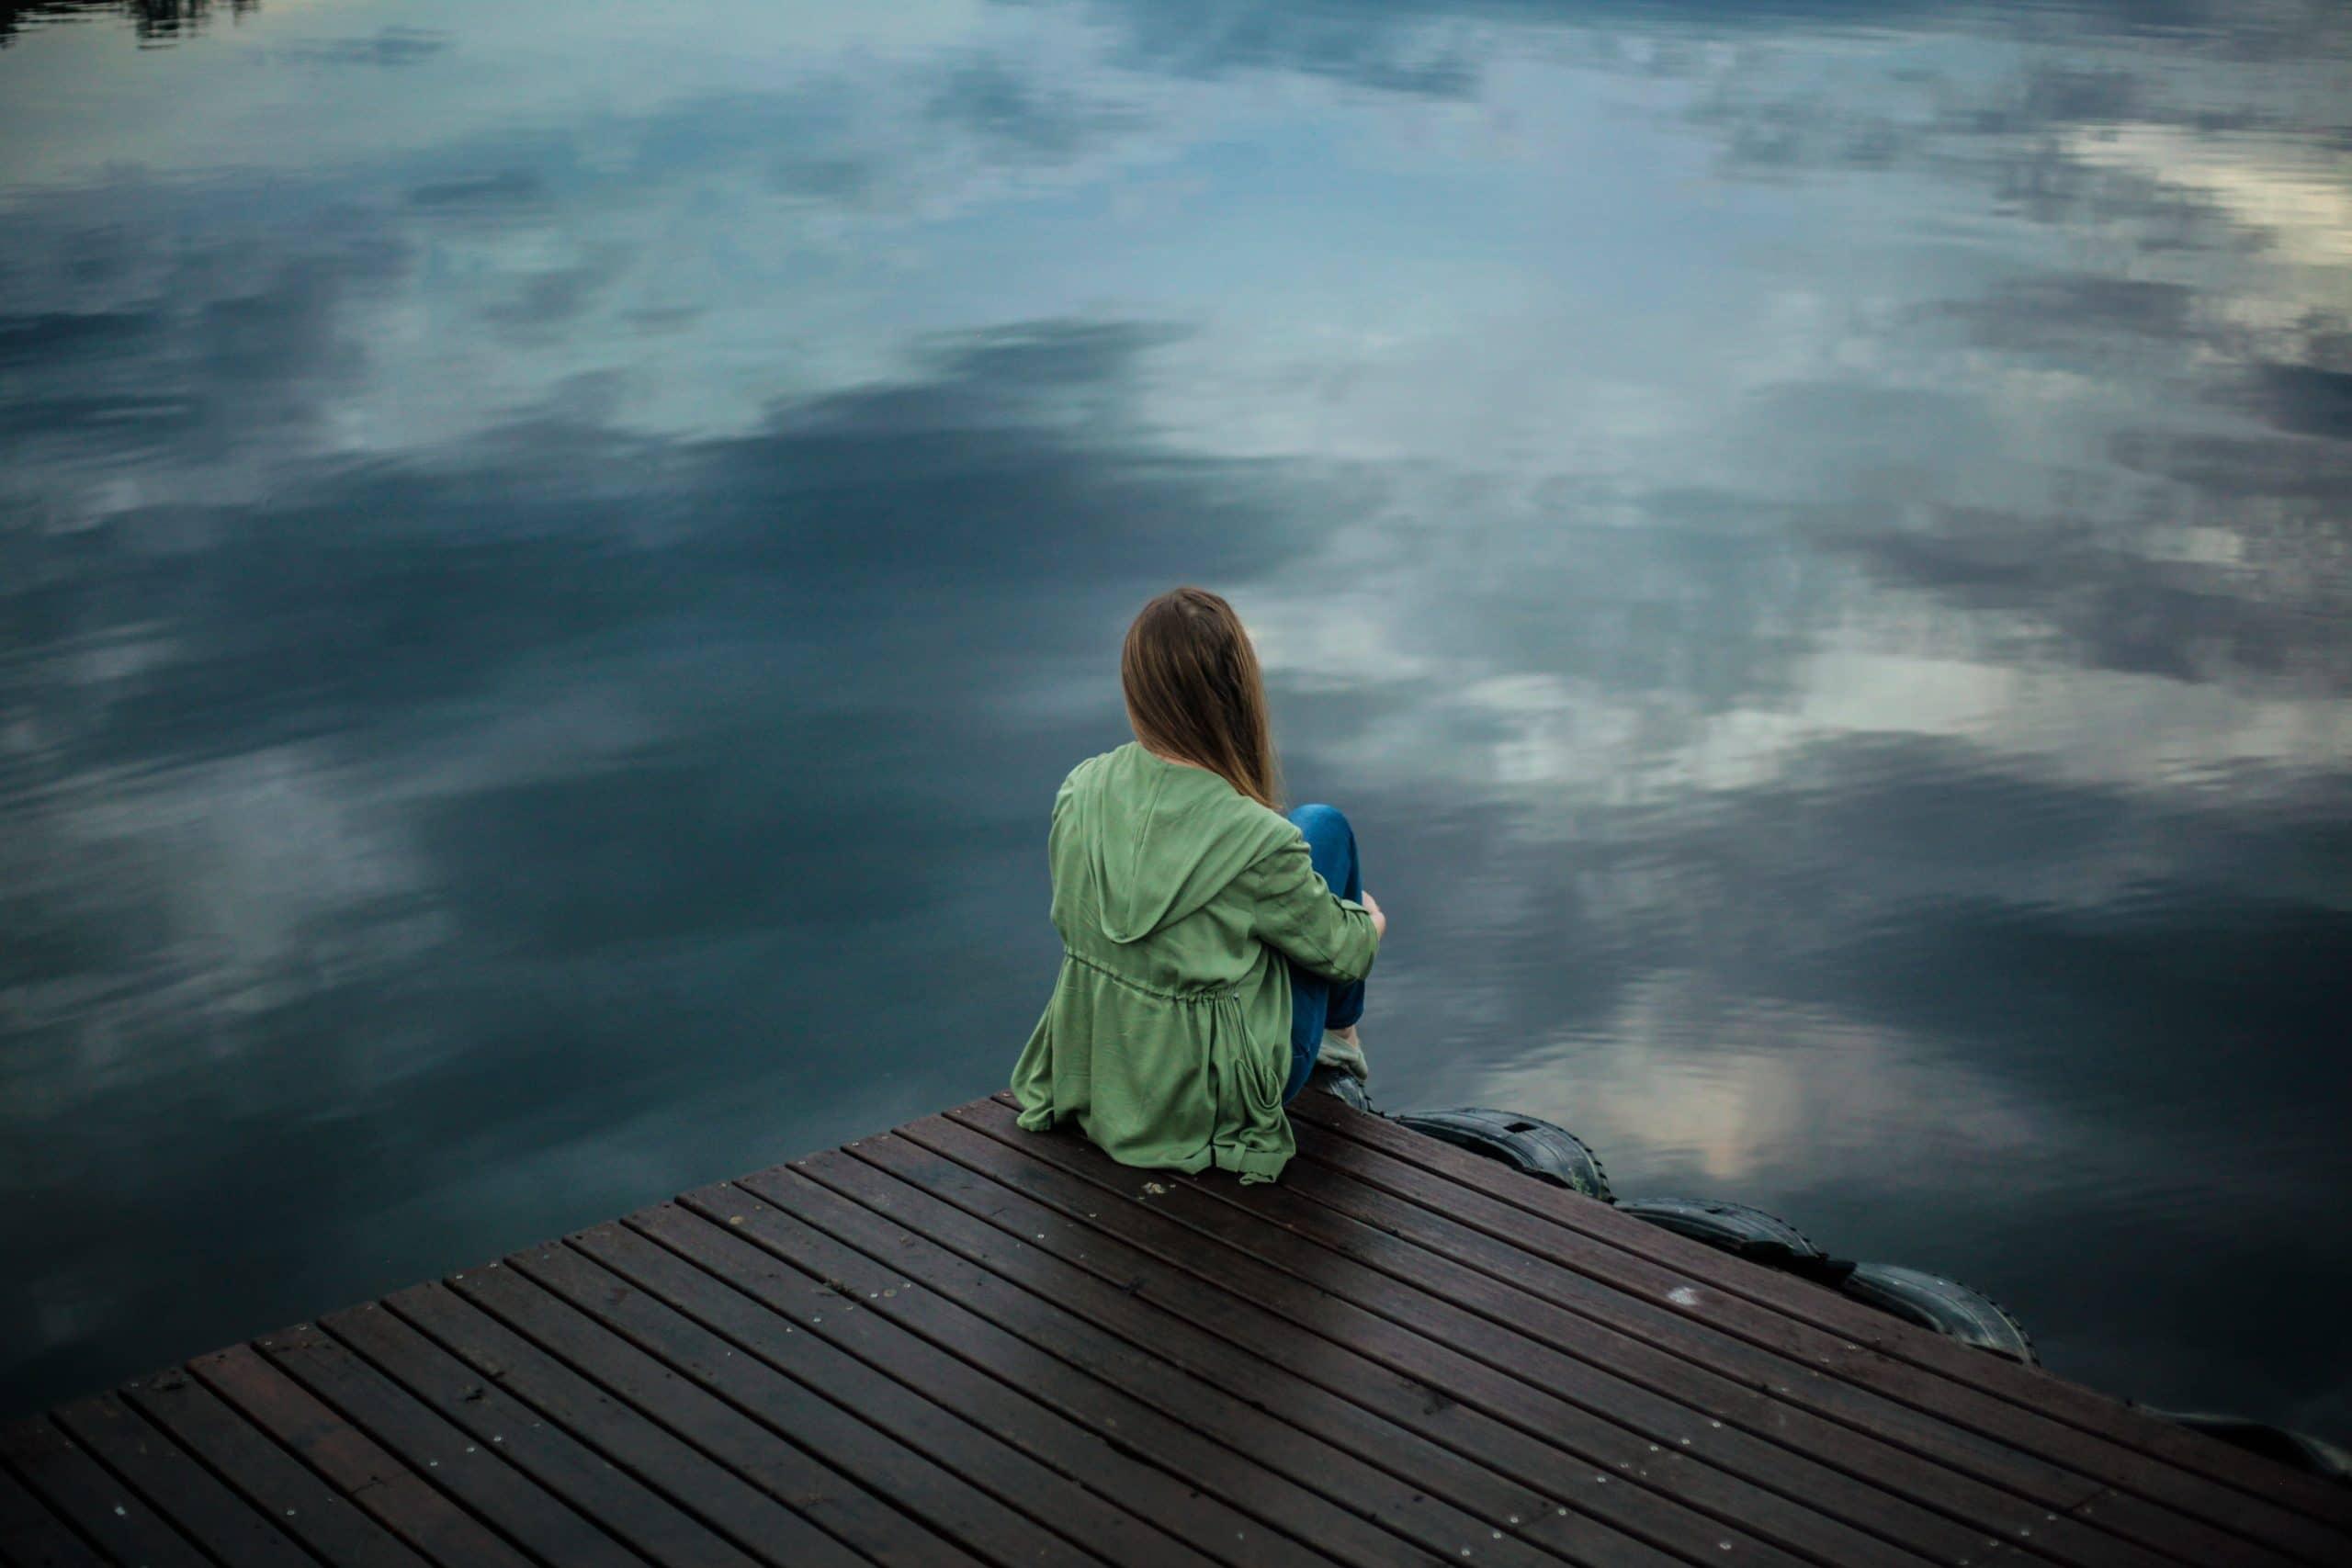 Mulher sentada em ponte de madeira olhando para rio